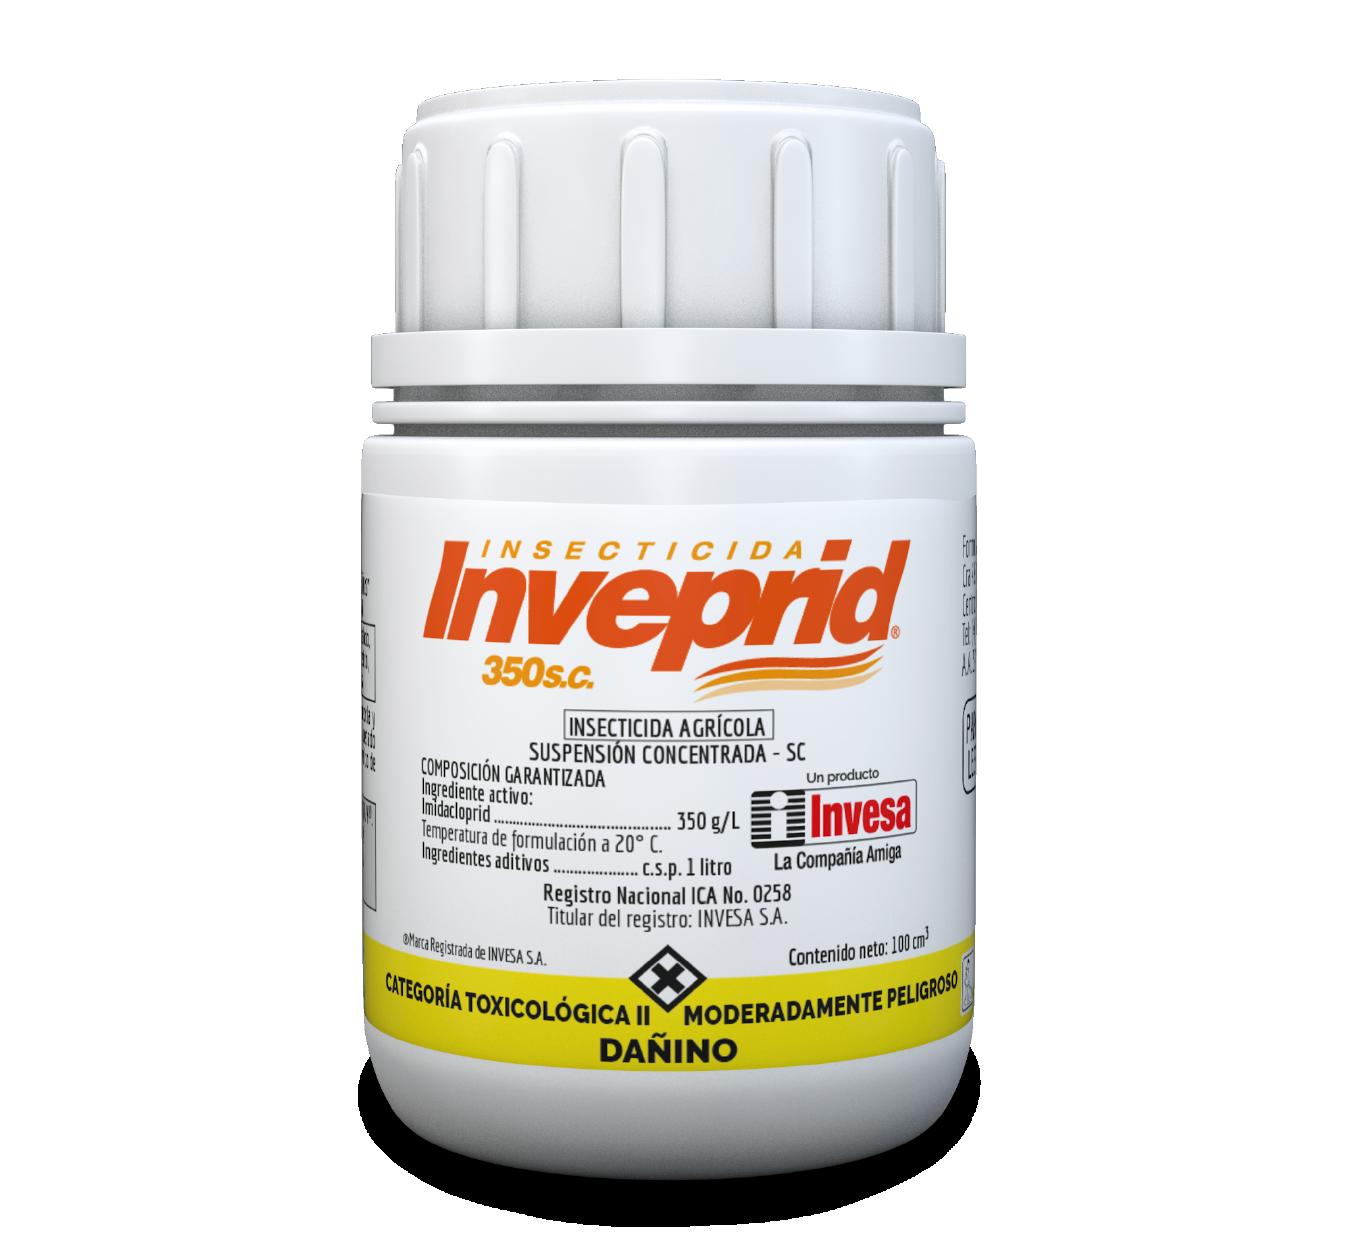 Insecticida inveprid 350 sc invesa 100 cc